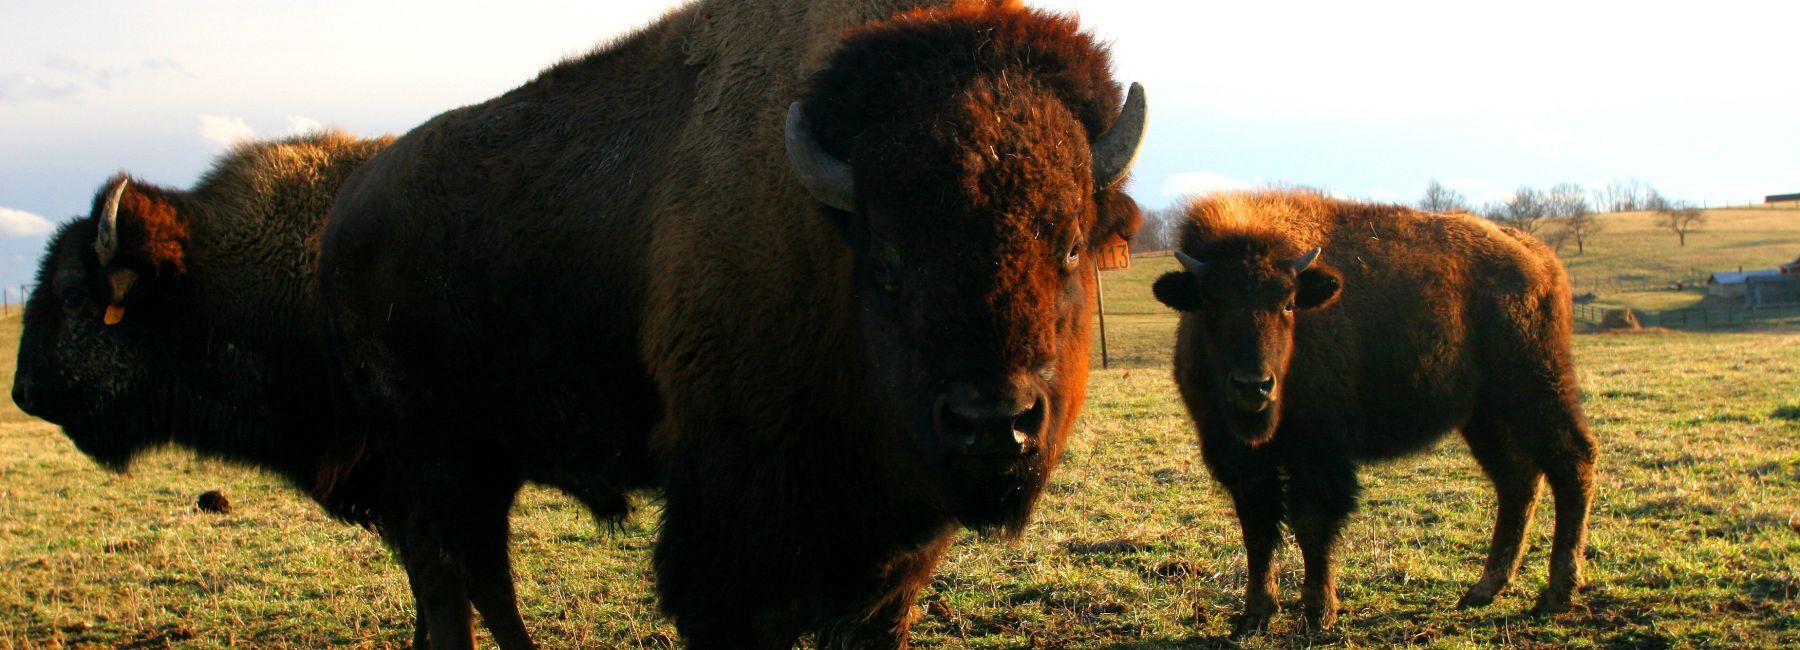 Bison Farm